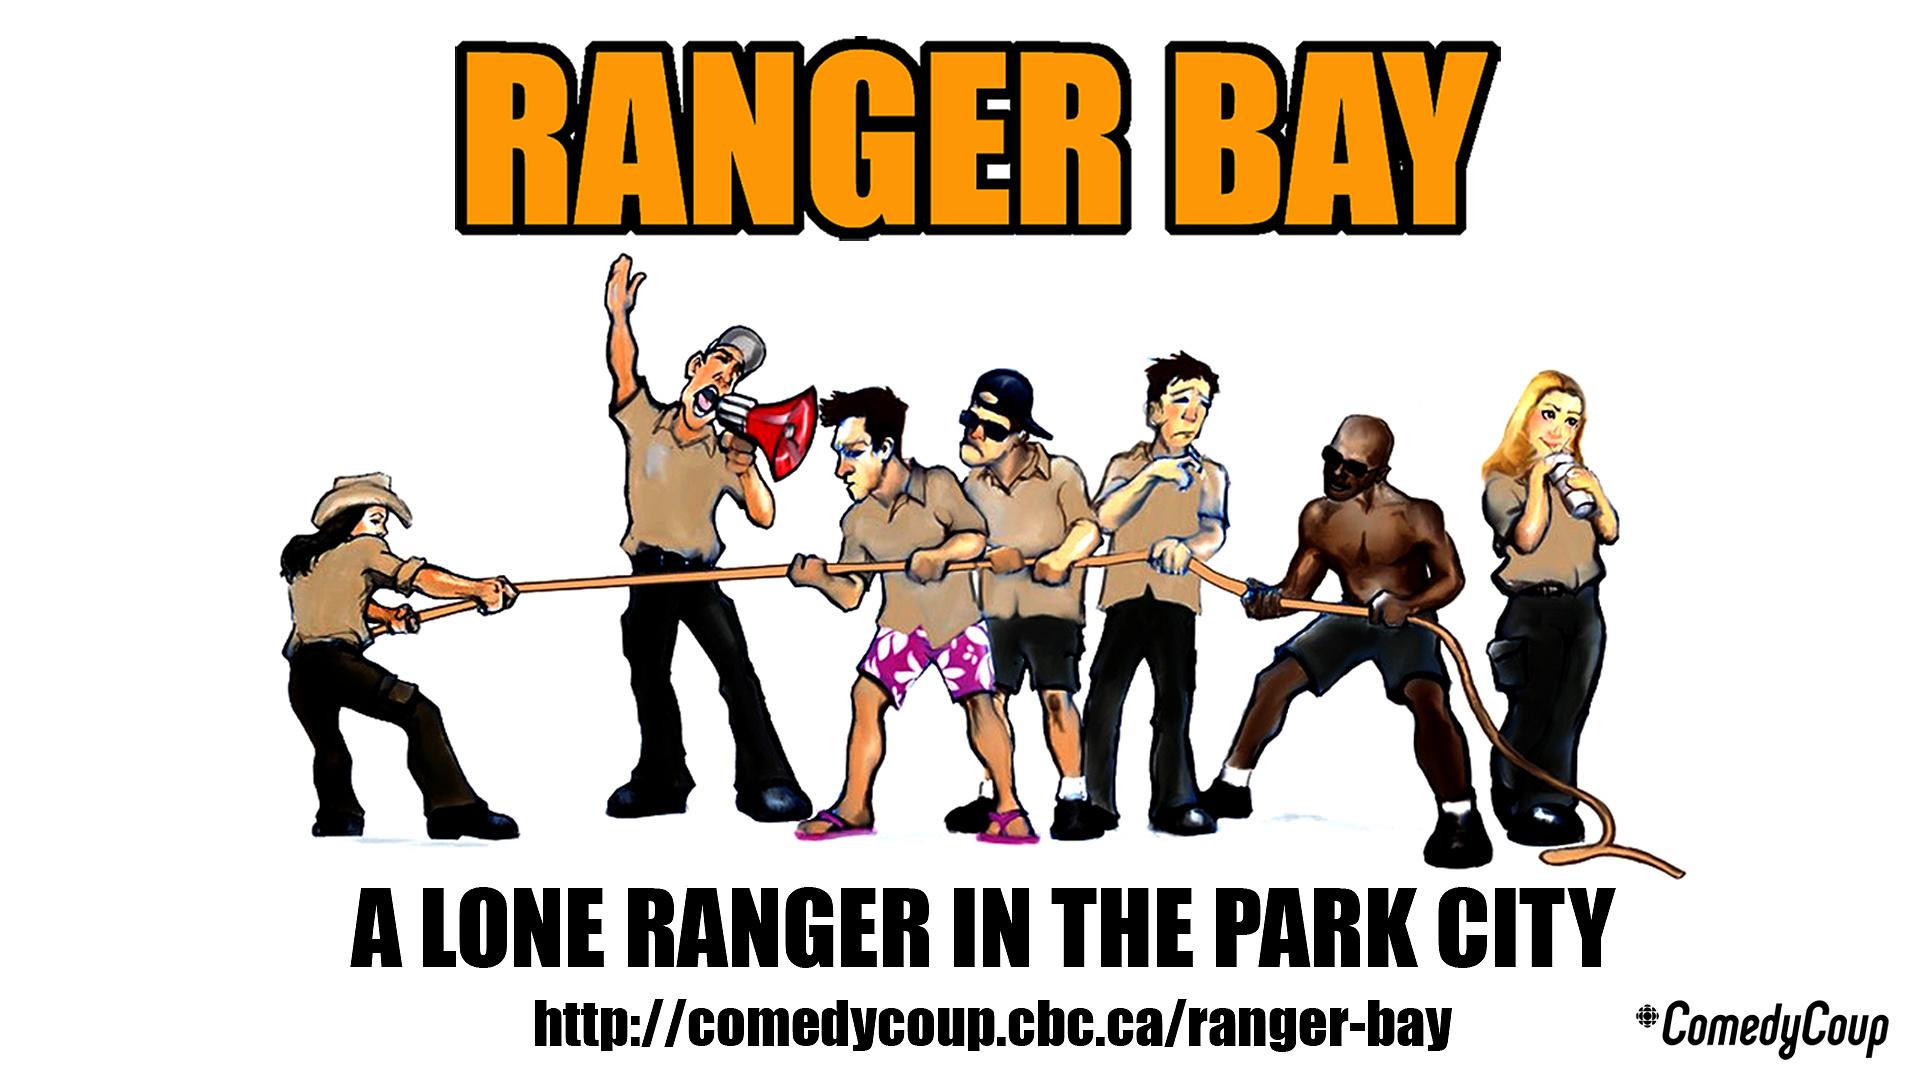 Week 4 Key It: Poster A Ranger Bay